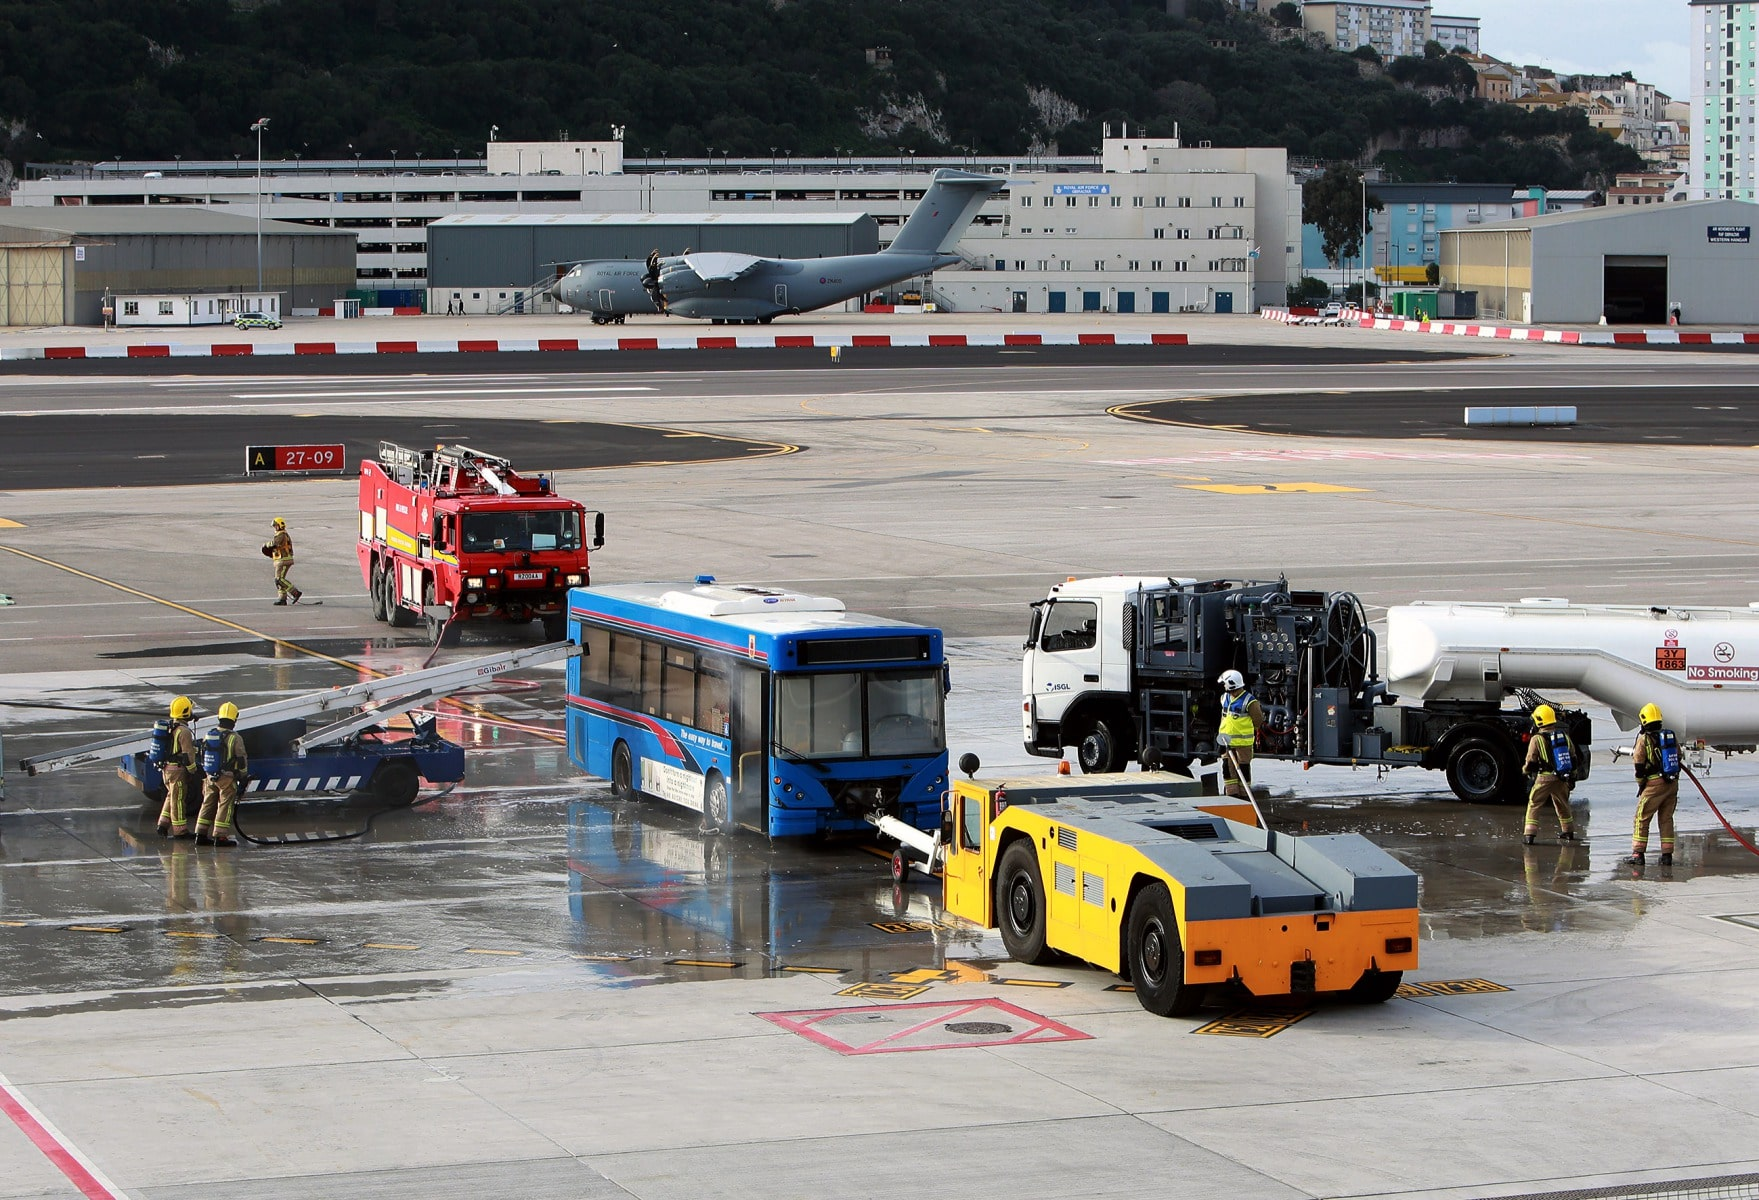 09-feb-2016-simulacro-de-incidente-en-el-aeropuerto-de-gibraltar_24619511750_o